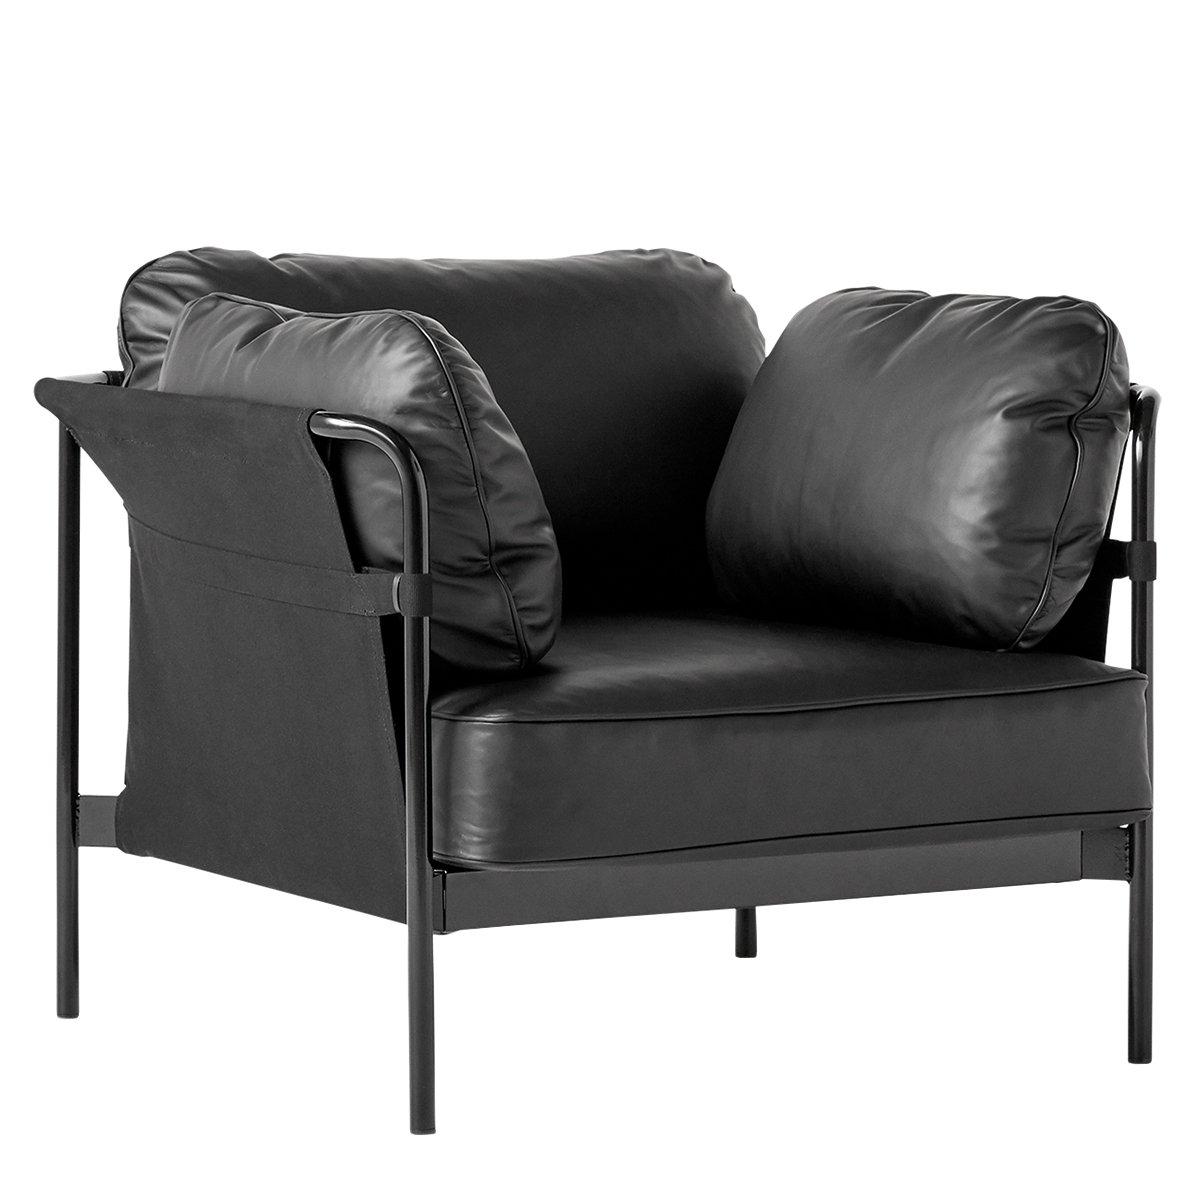 HAY Can Fauteuil - Zwart Frame - Zwart Canvas - Zwart Silk